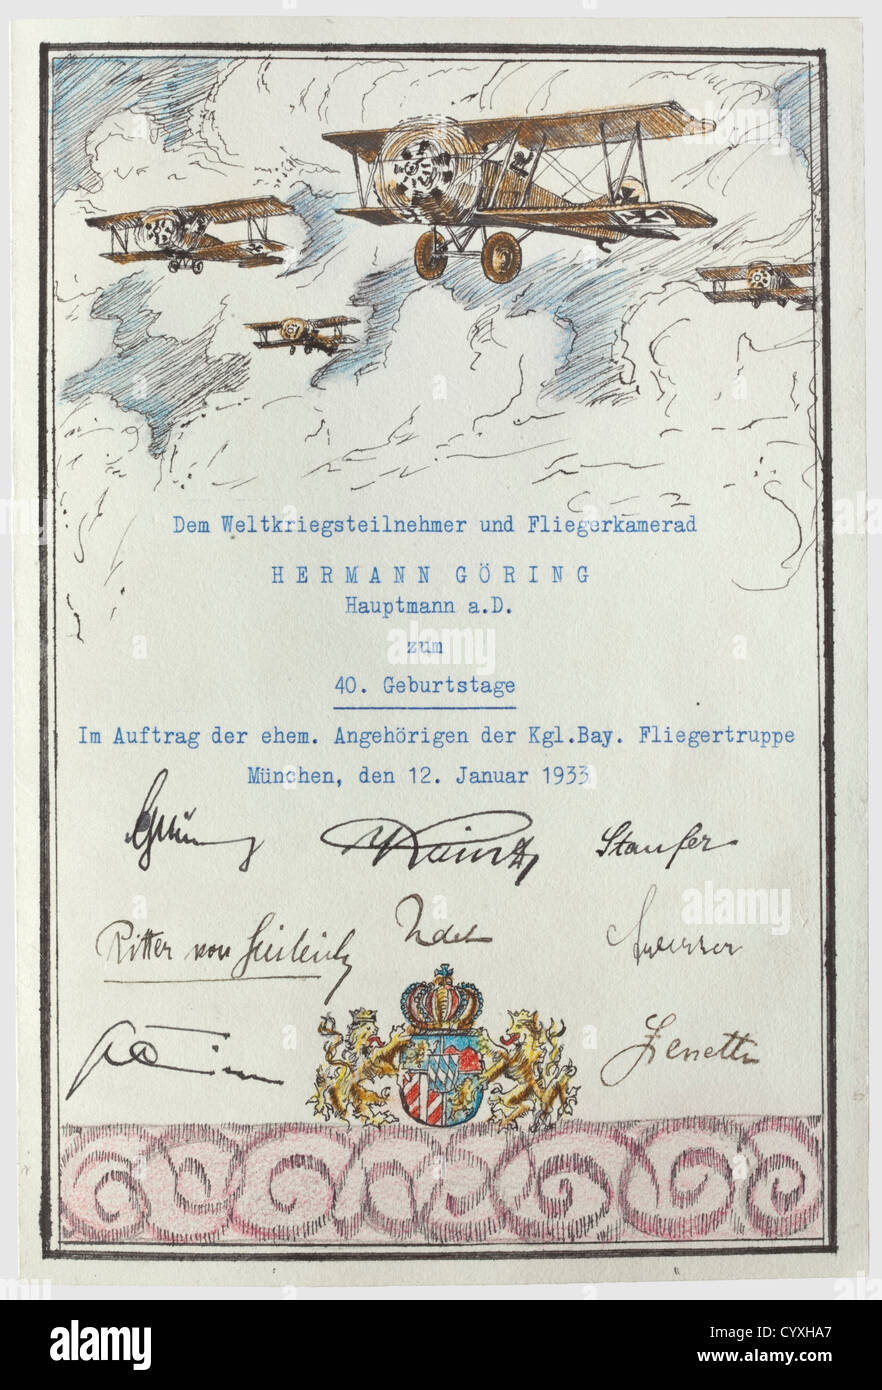 Hauptmann Hermann Göring, une carte de félicitations d'anciens camarades pour son anniversaire 1933 Photo Stock